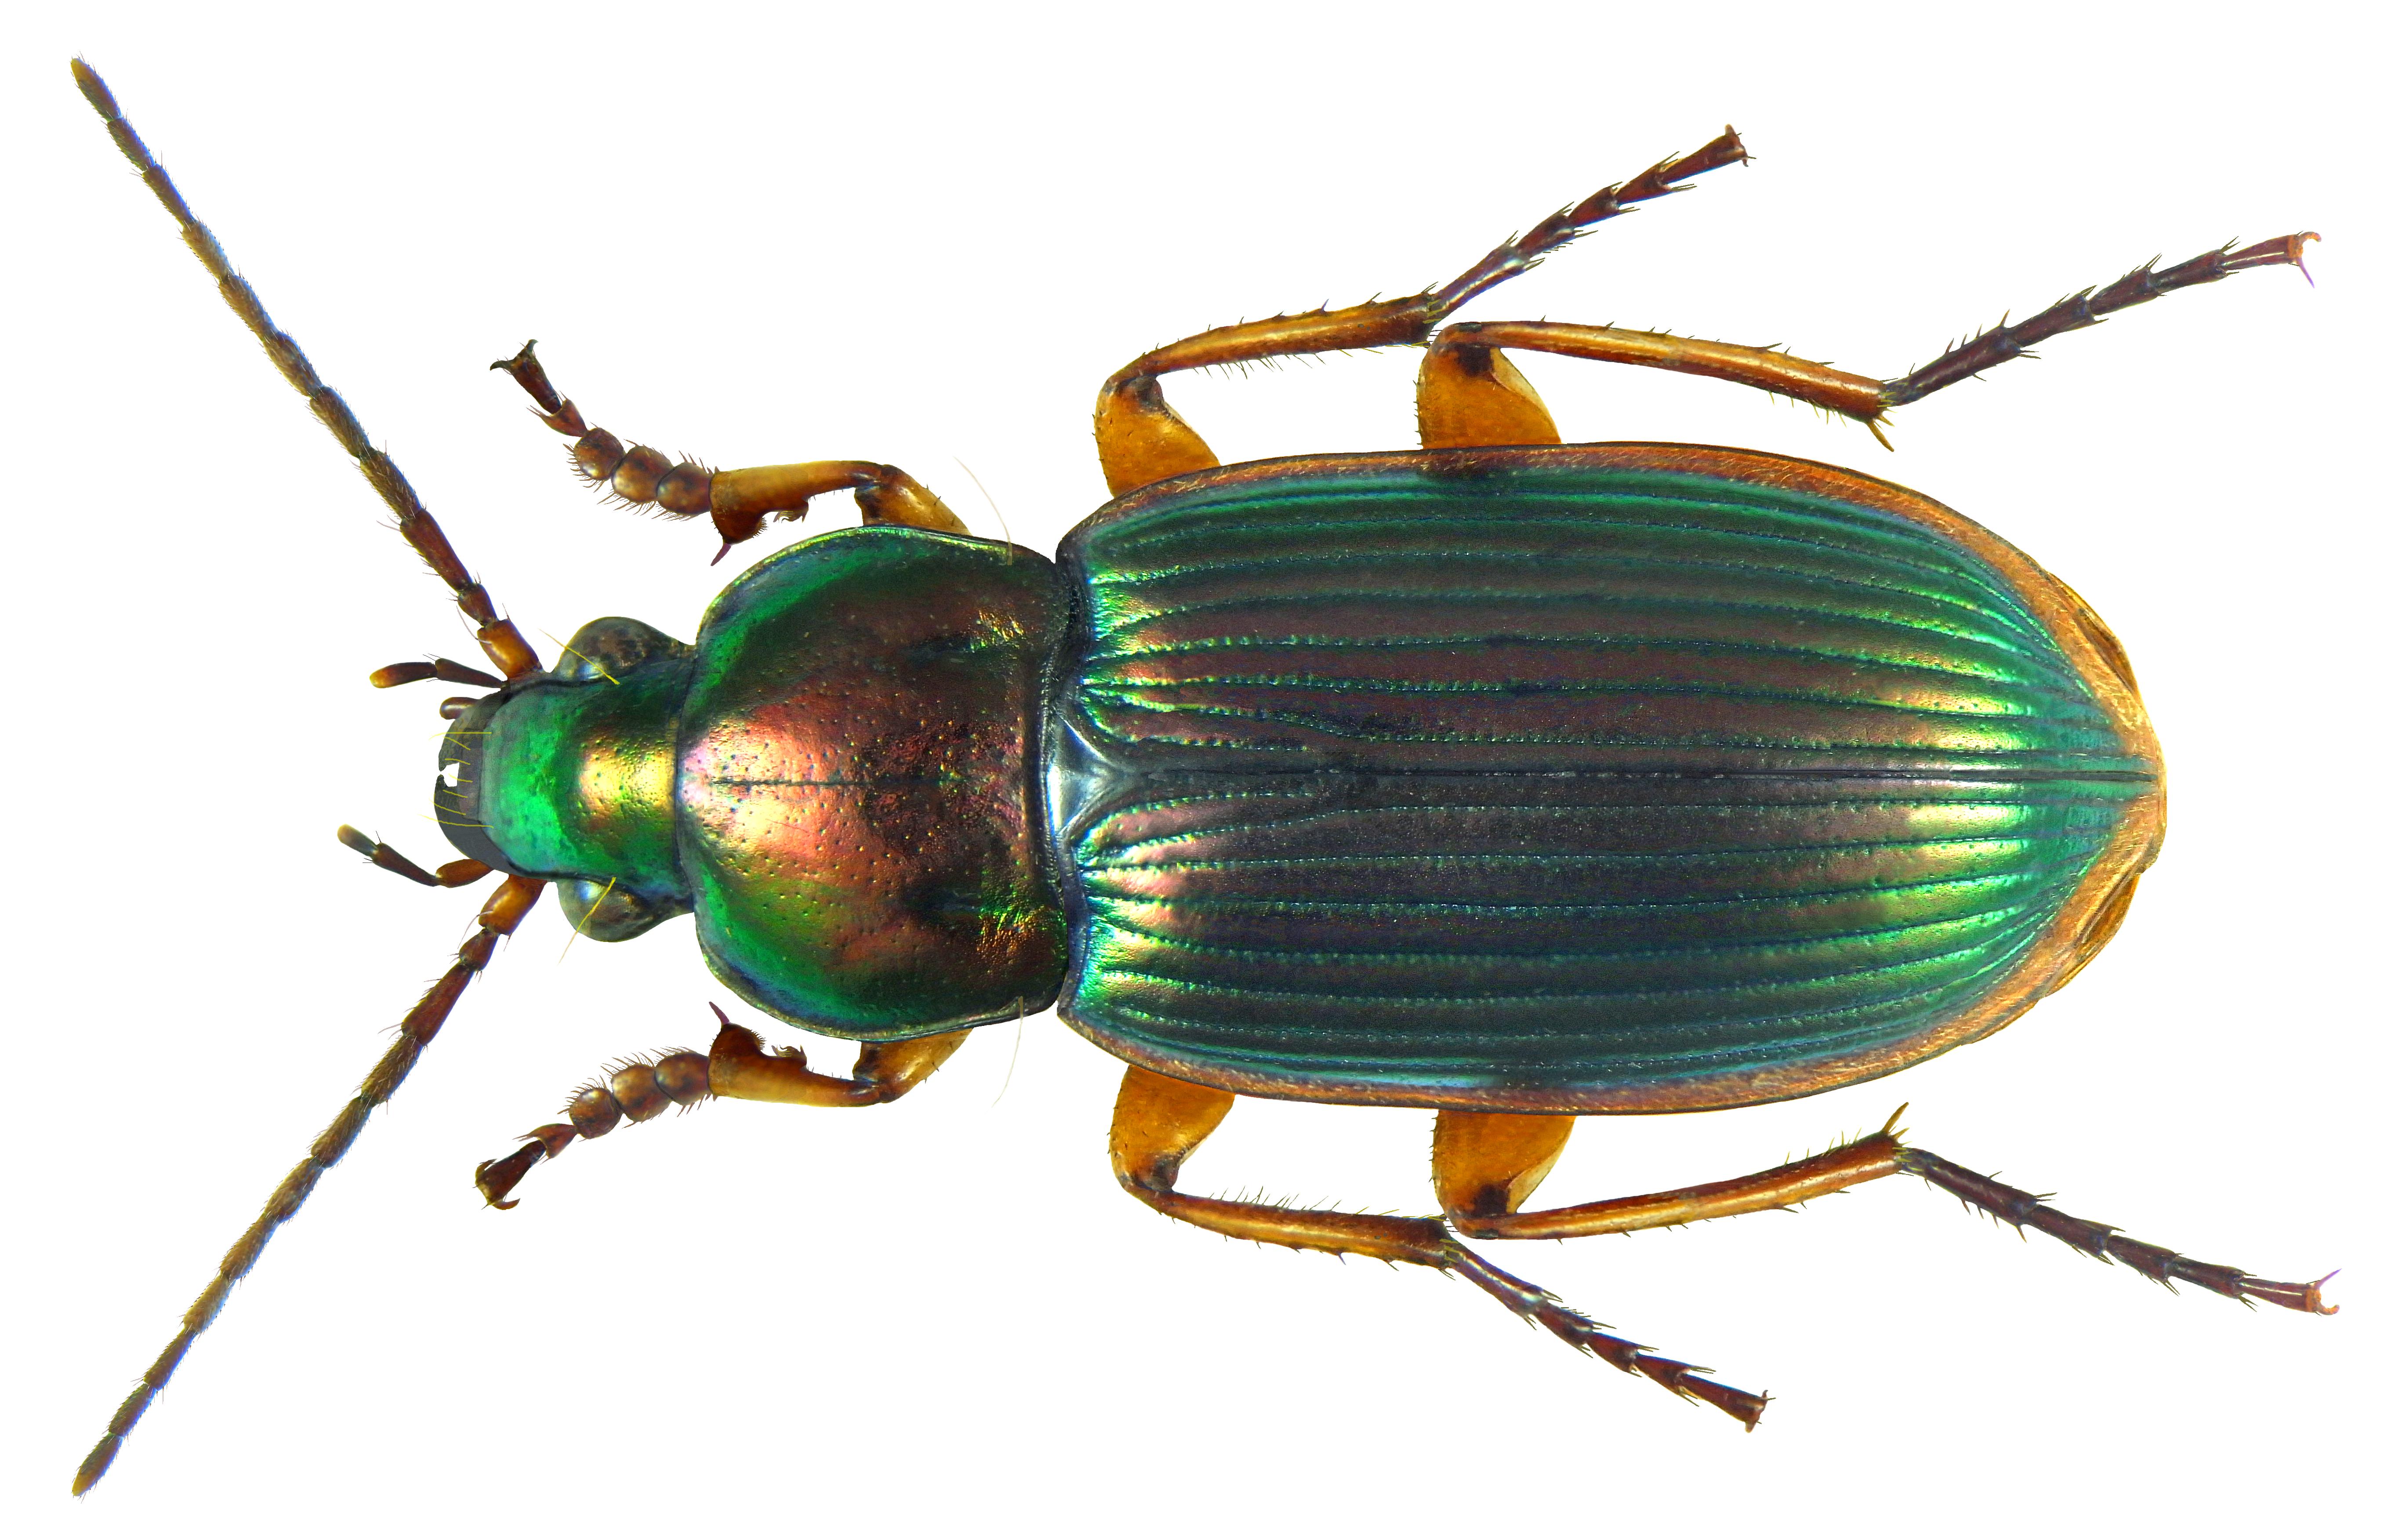 File:Chlaenius (Amblygenius) Rufomargina #22330.